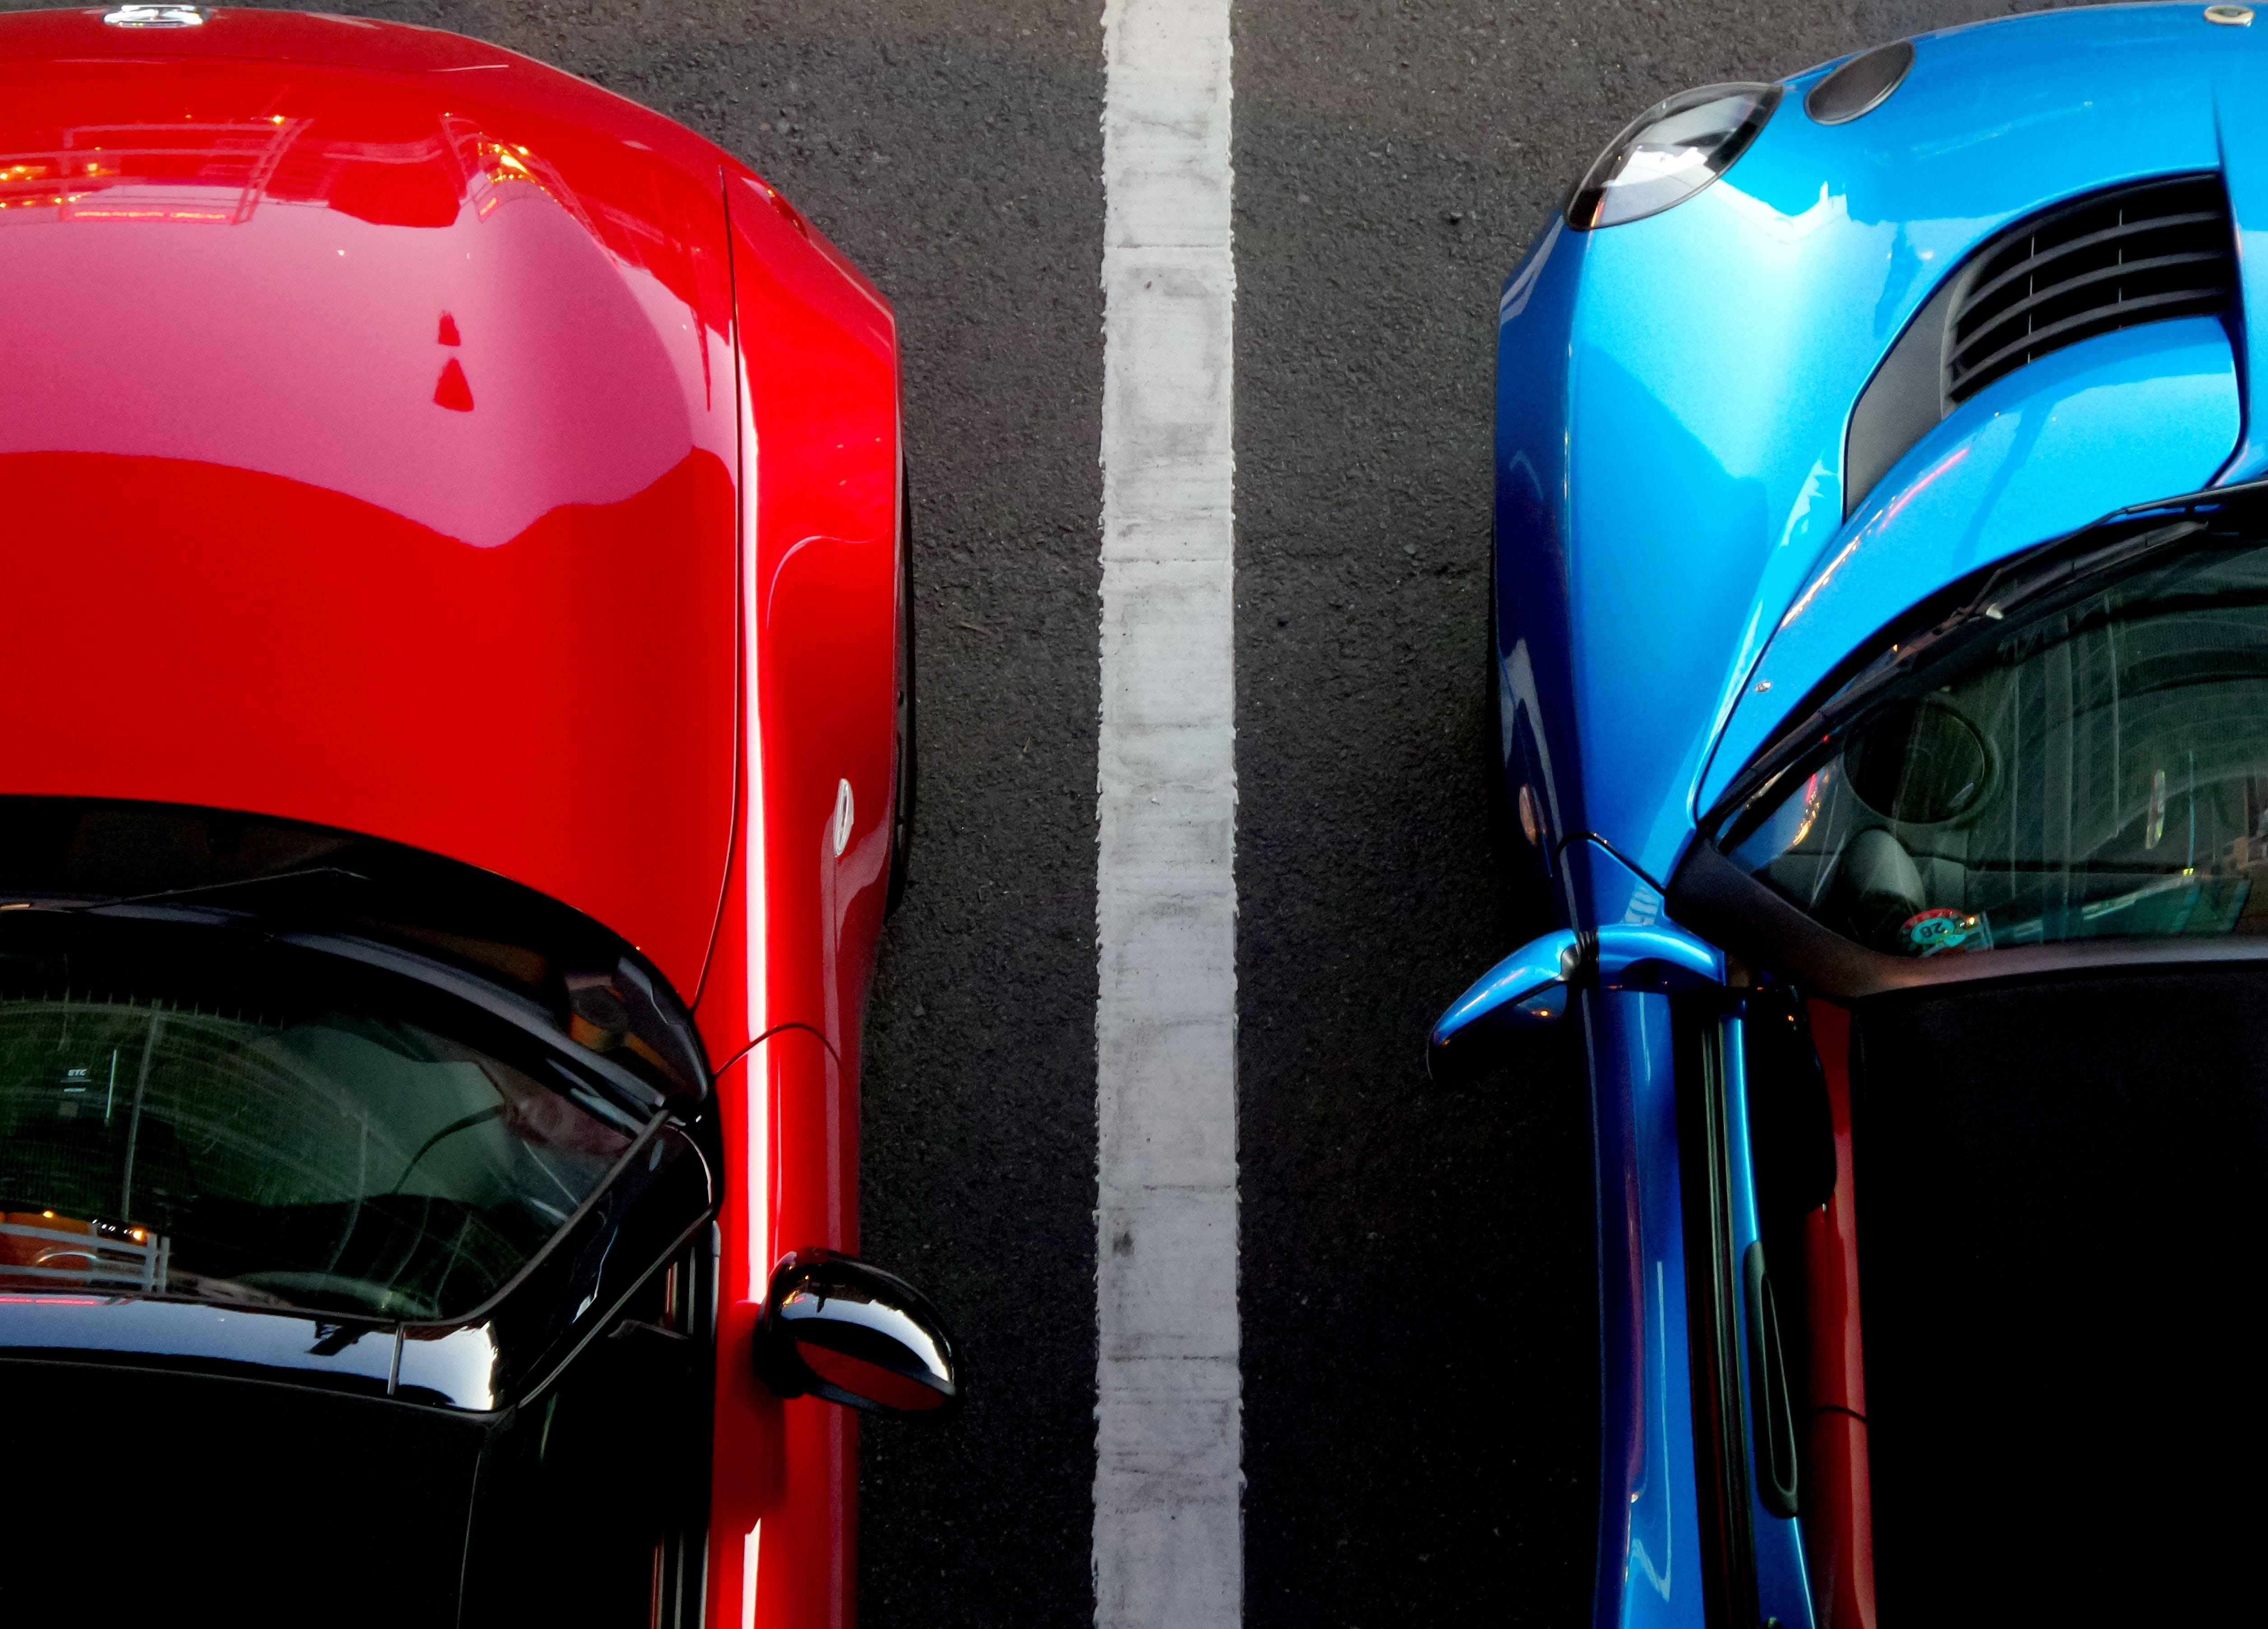 αστικός, αυτοκίνηση, αυτοκίνητα